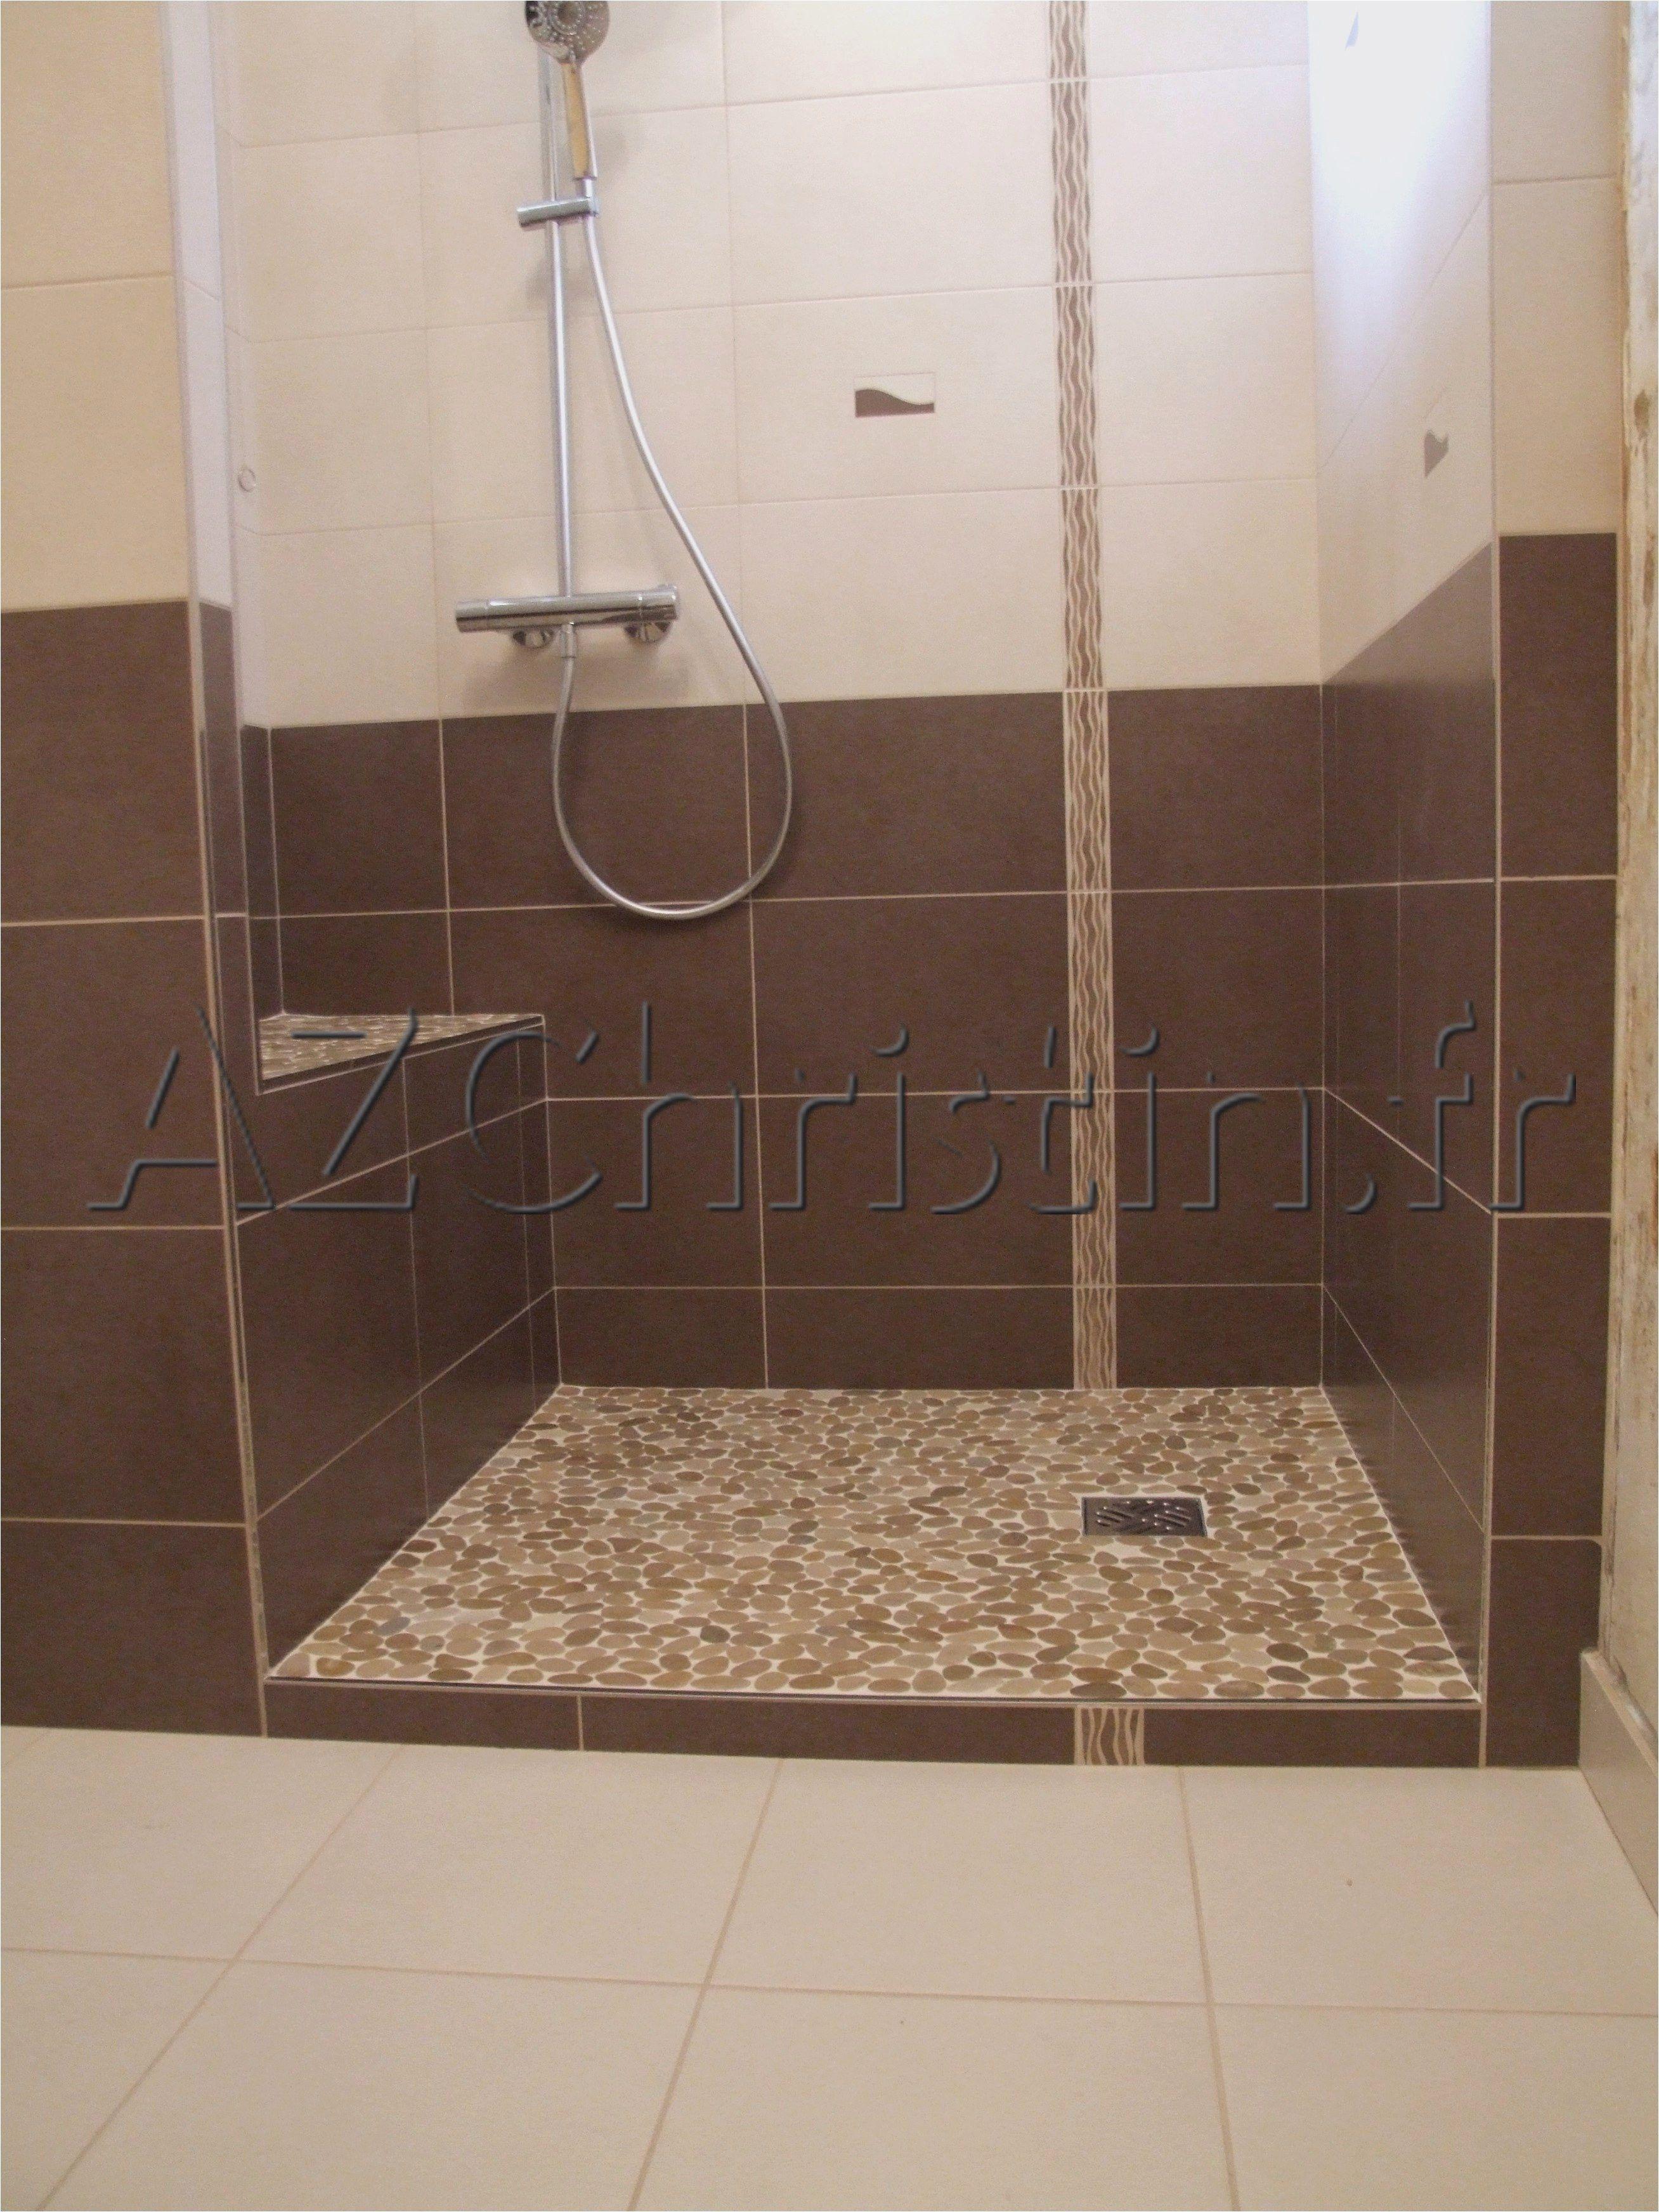 Comment Decrasser Joint De Carrelage 99 nettoyer joint salle de bain check more at https